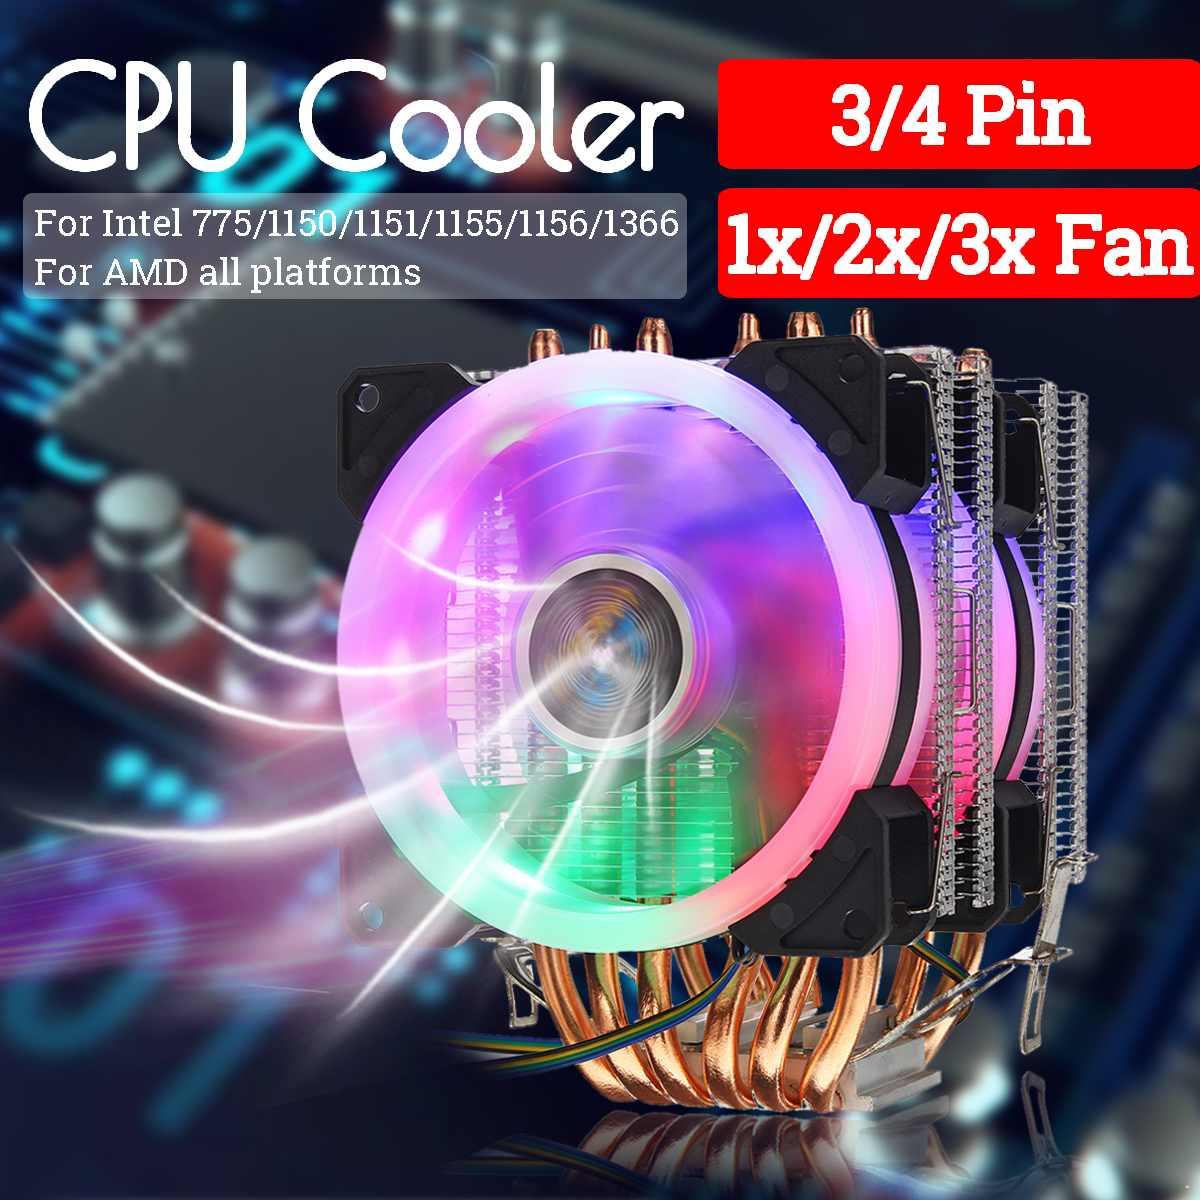 CPU Cooler Fan Heatsink 6 Copper Heatpipe 3/4 Pin RGB Fan Cooler For Intel 775/1150/1151/1155/1156/1366 and AMD All PlatformsCPU Cooler Fan Heatsink 6 Copper Heatpipe 3/4 Pin RGB Fan Cooler For Intel 775/1150/1151/1155/1156/1366 and AMD All Platforms